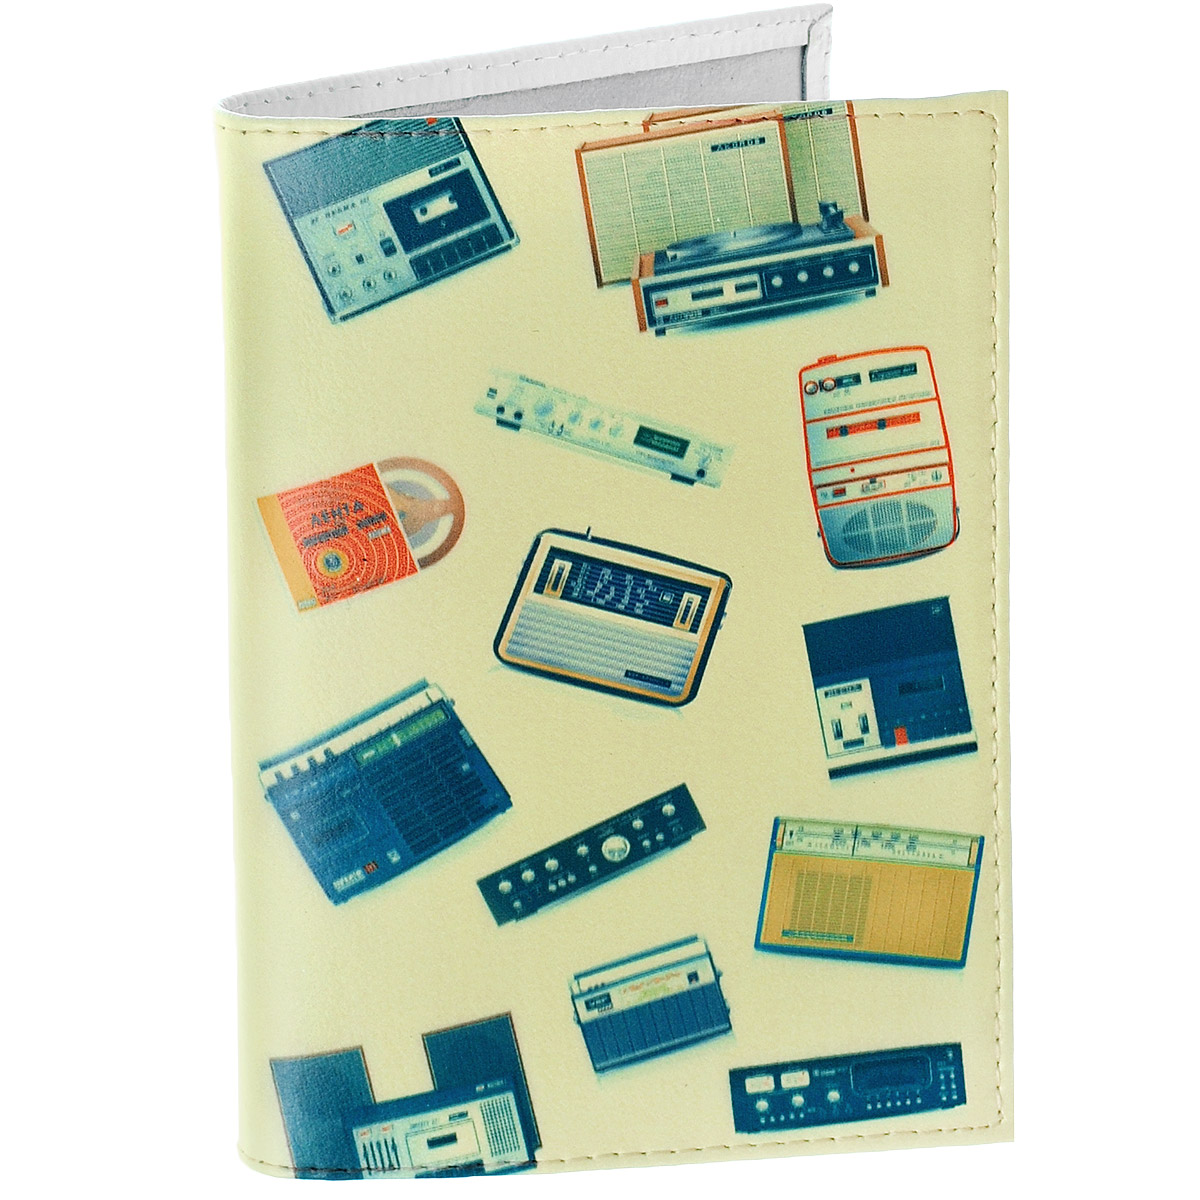 Обложка для паспорта Радиоприемники. OK280OK280Обложка для паспорта Mitya Veselkov Радиоприемники выполнена из натуральной кожи и оформлена изображениями звуковой аппаратуры. Такая обложка не только поможет сохранить внешний вид ваших документов и защитит их от повреждений, но и станет стильным аксессуаром, идеально подходящим вашему образу.Яркая и оригинальная обложка подчеркнет вашу индивидуальность и изысканный вкус. Обложка для паспорта стильного дизайна может быть достойным и оригинальным подарком.